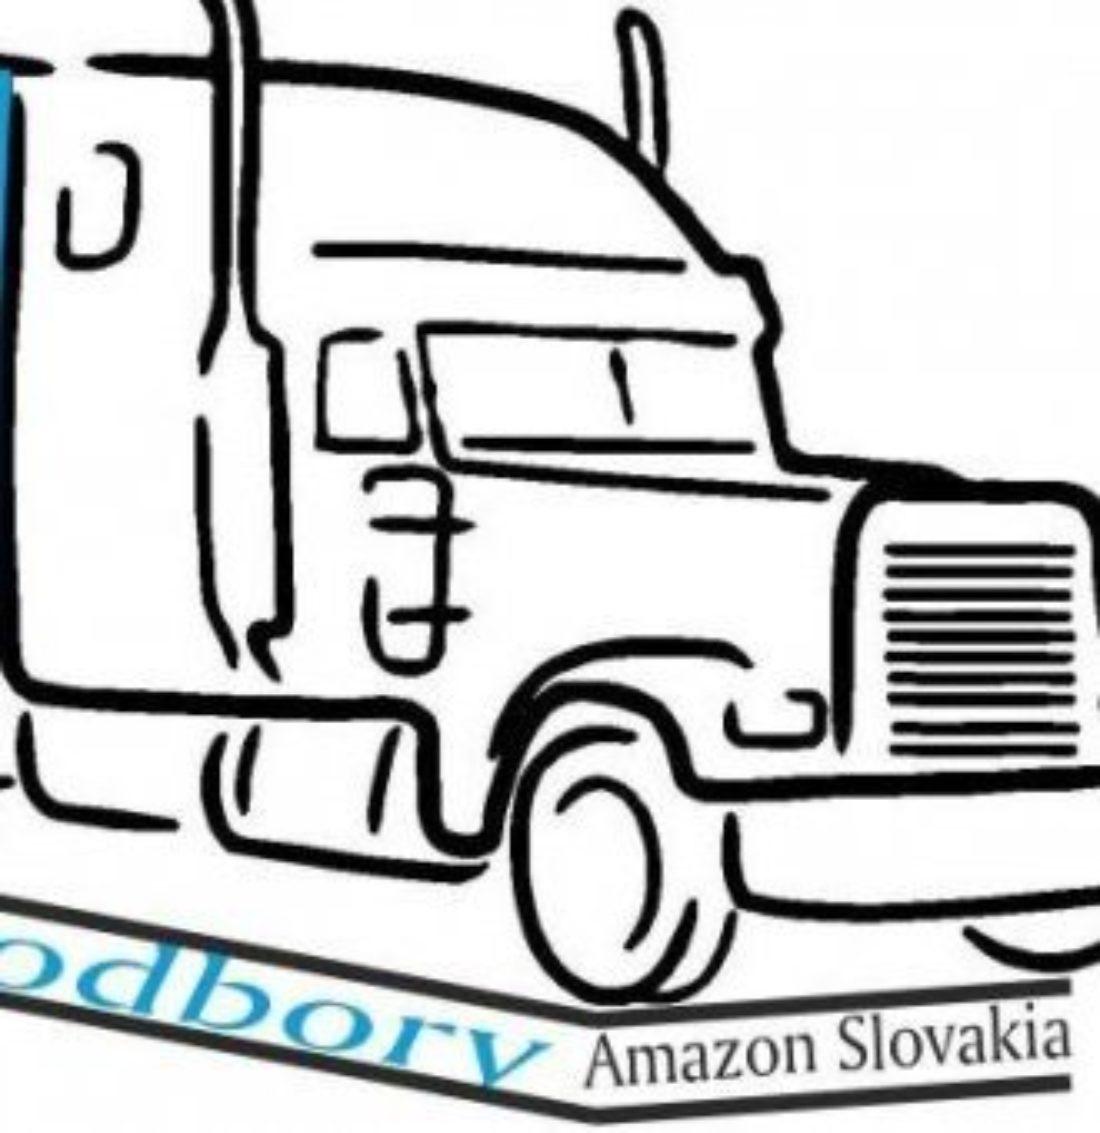 Eslovaquia: Testimonio de Moderné Odbory Amazon ante la pandemia de coronavirus